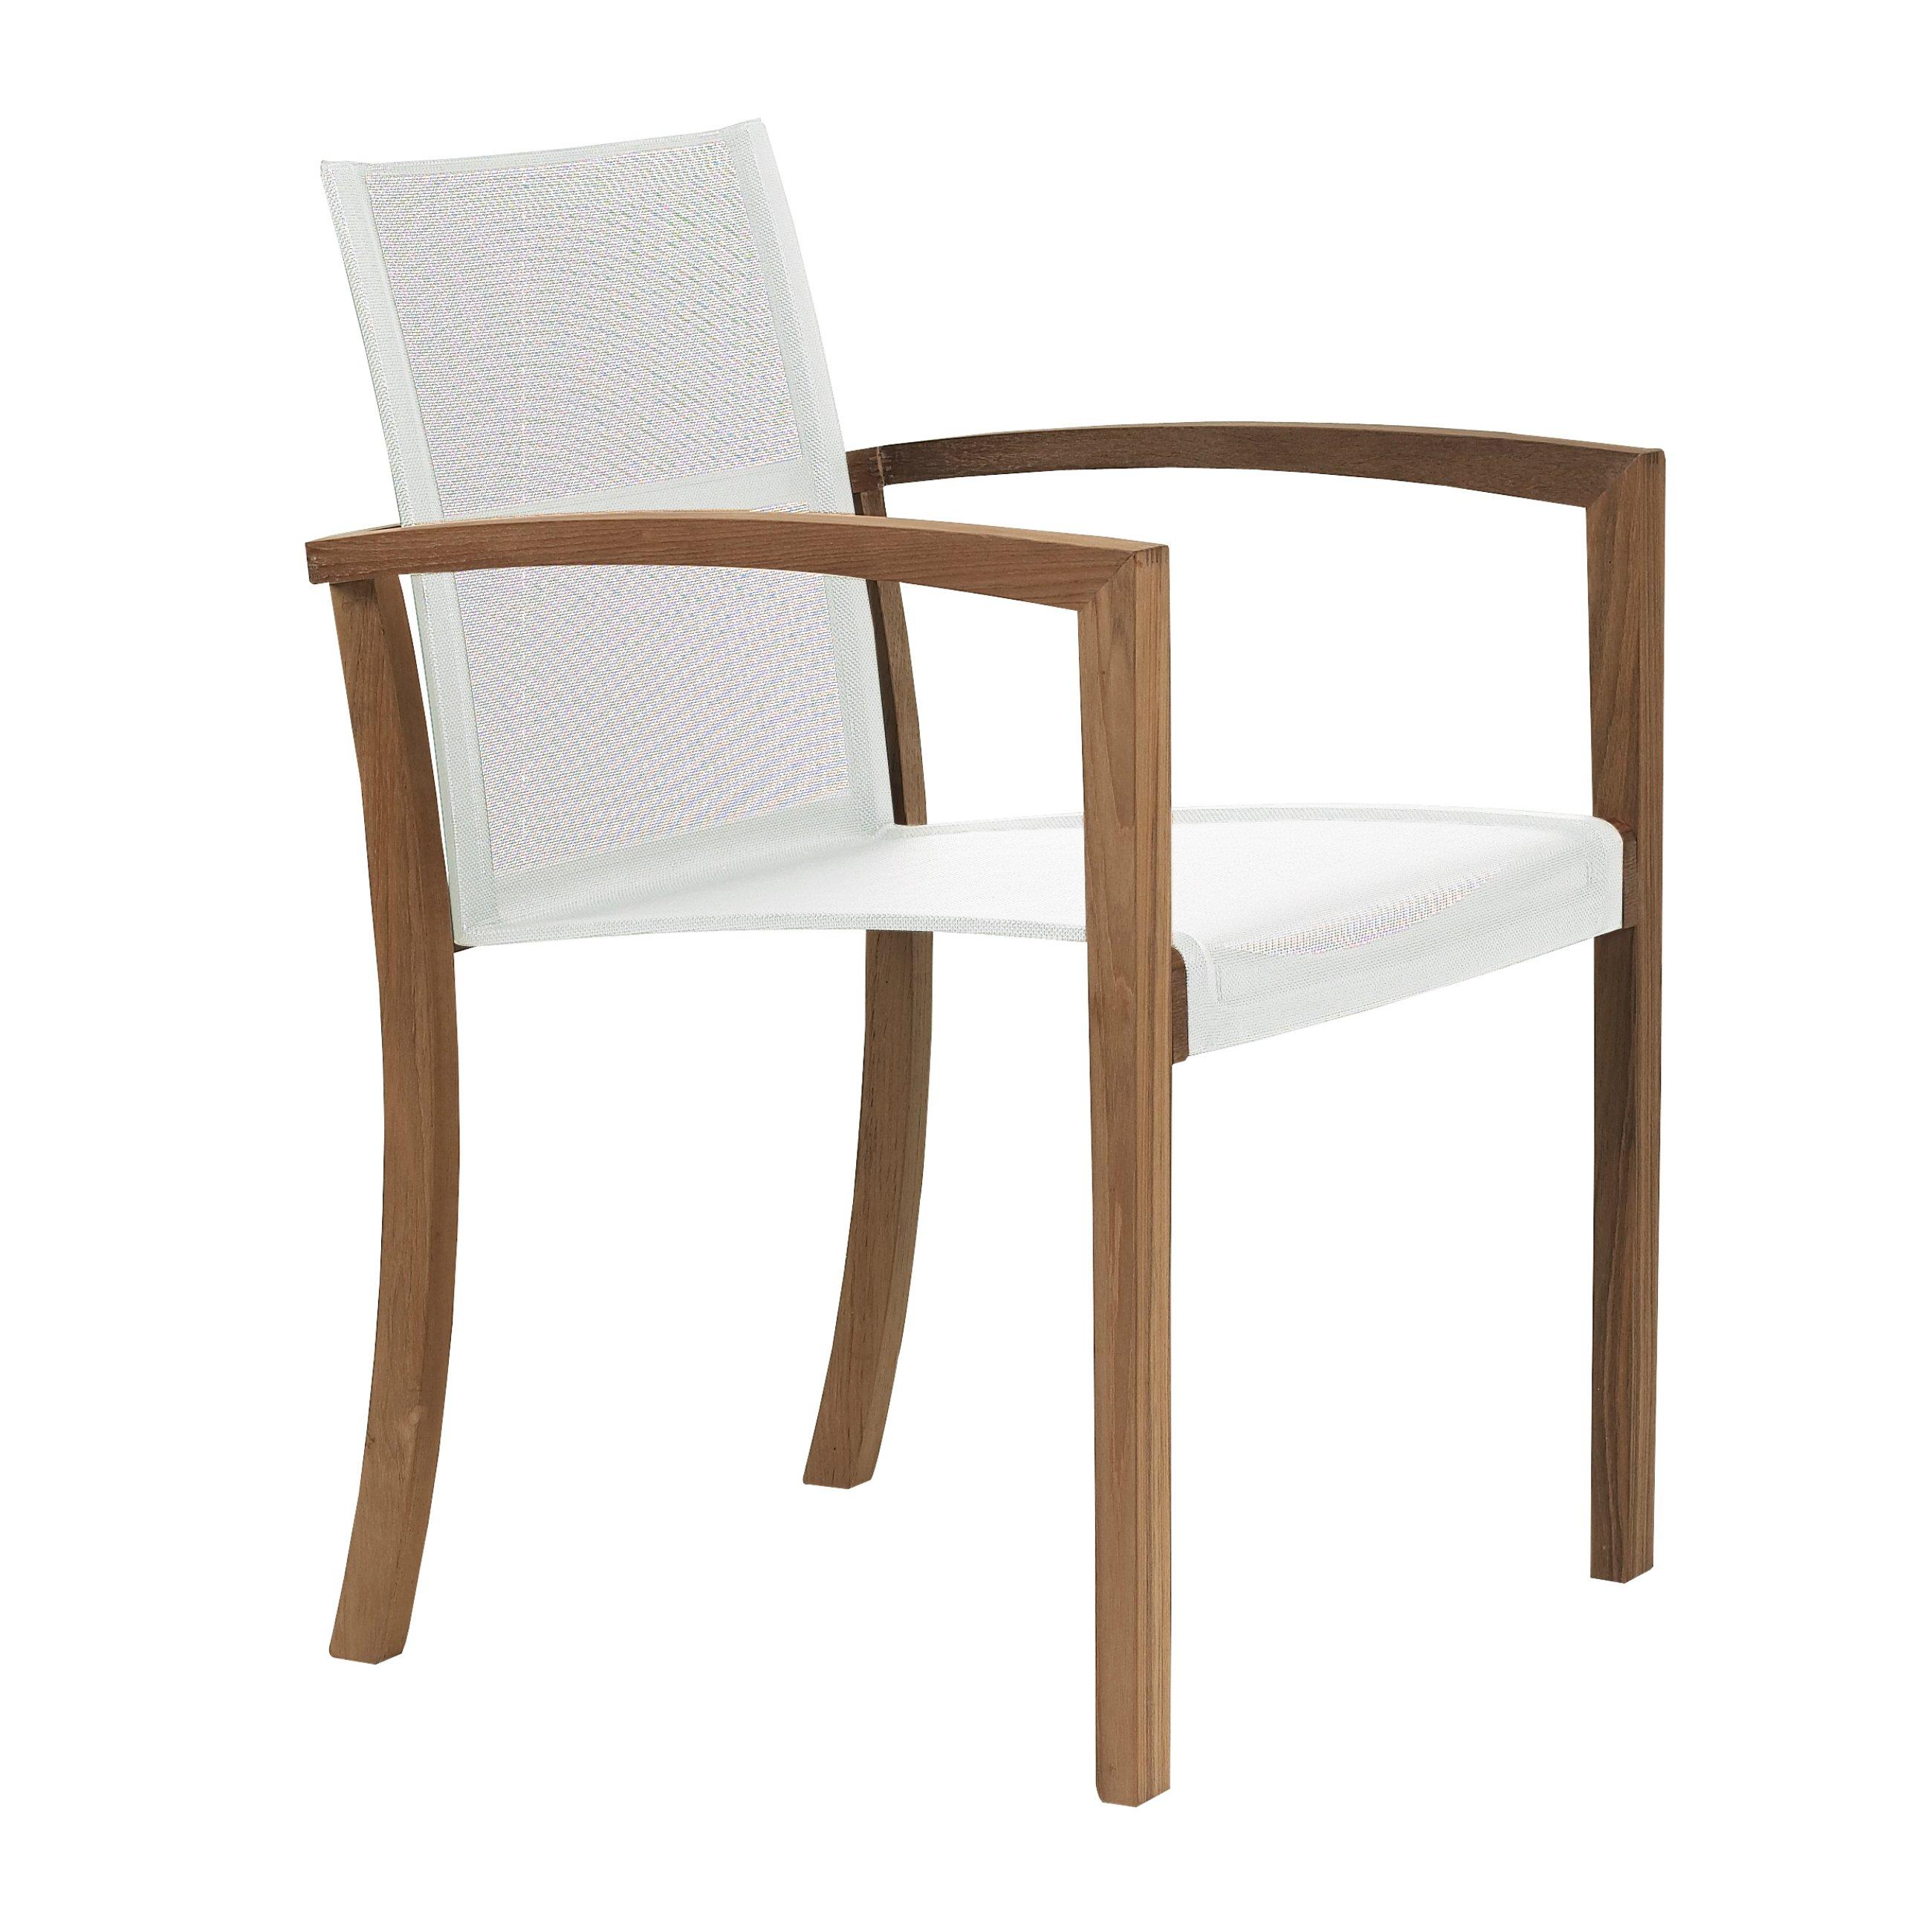 royal botania gartenstuhl xqi 55 stapelsessel. Black Bedroom Furniture Sets. Home Design Ideas